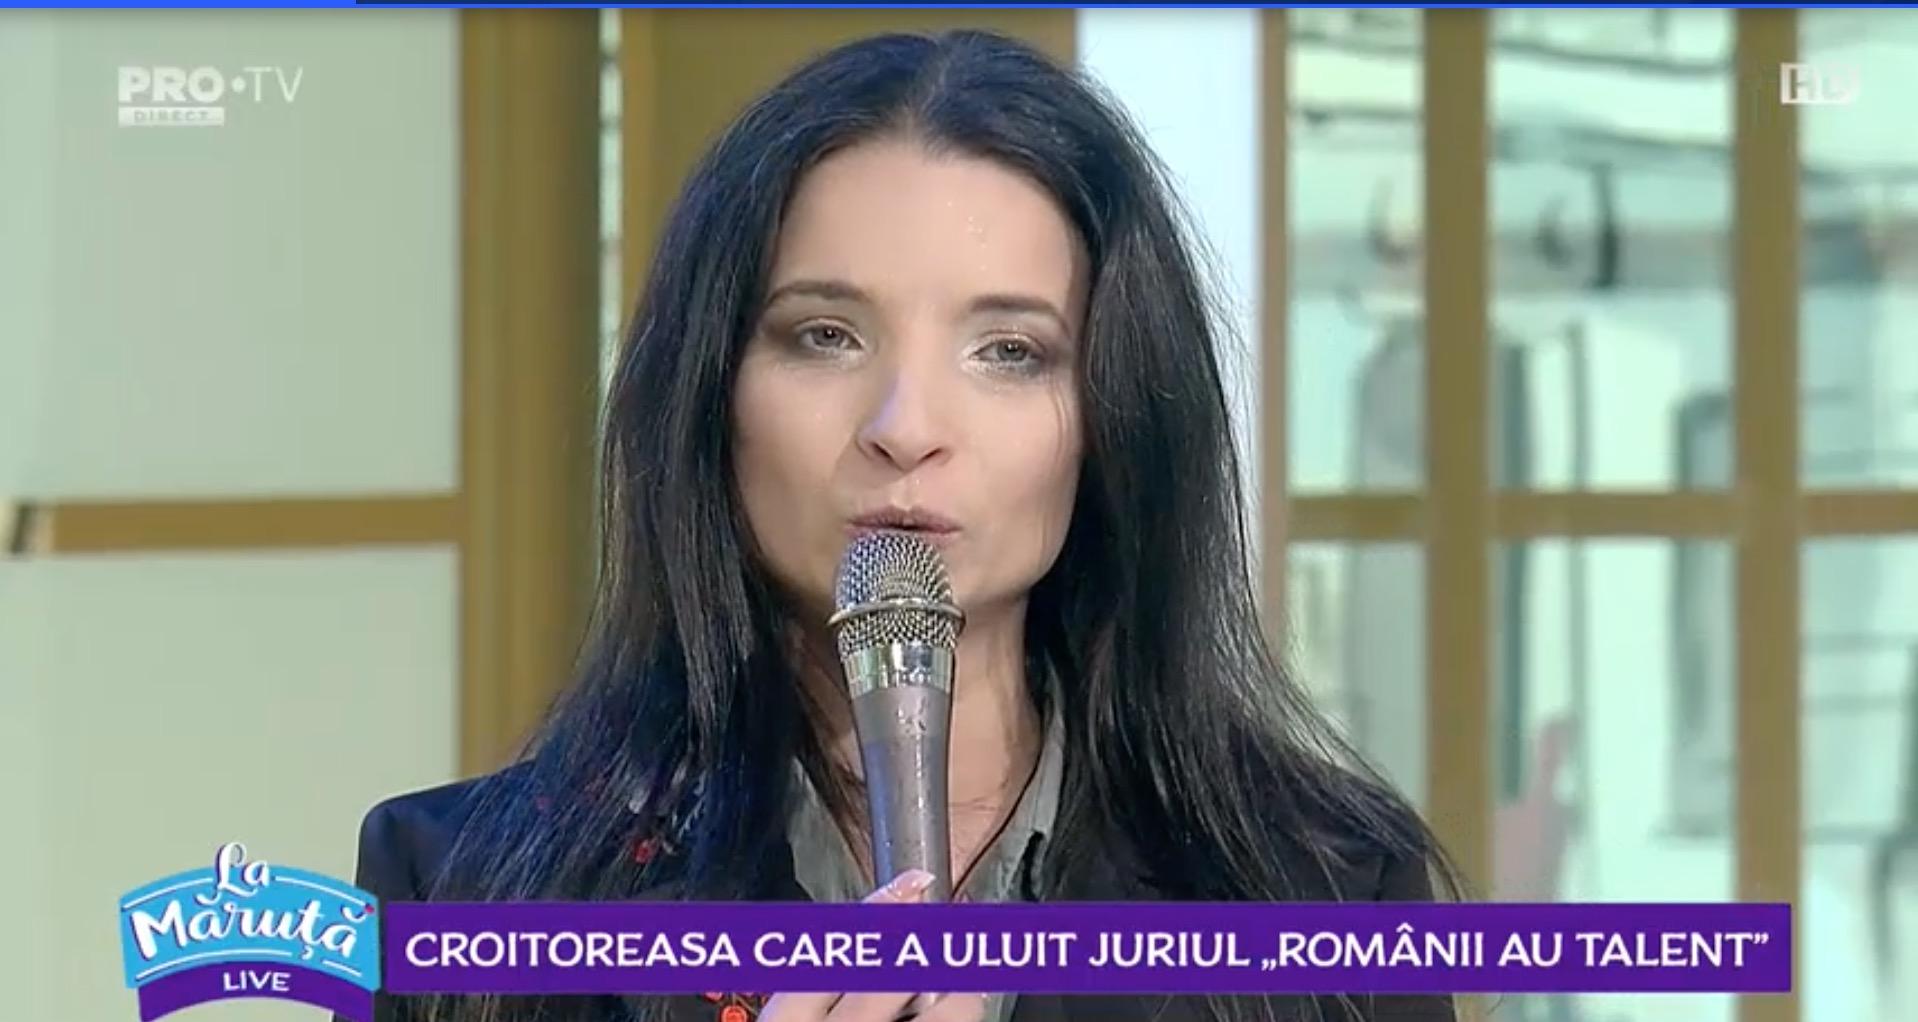 Ana Maria Pantaze